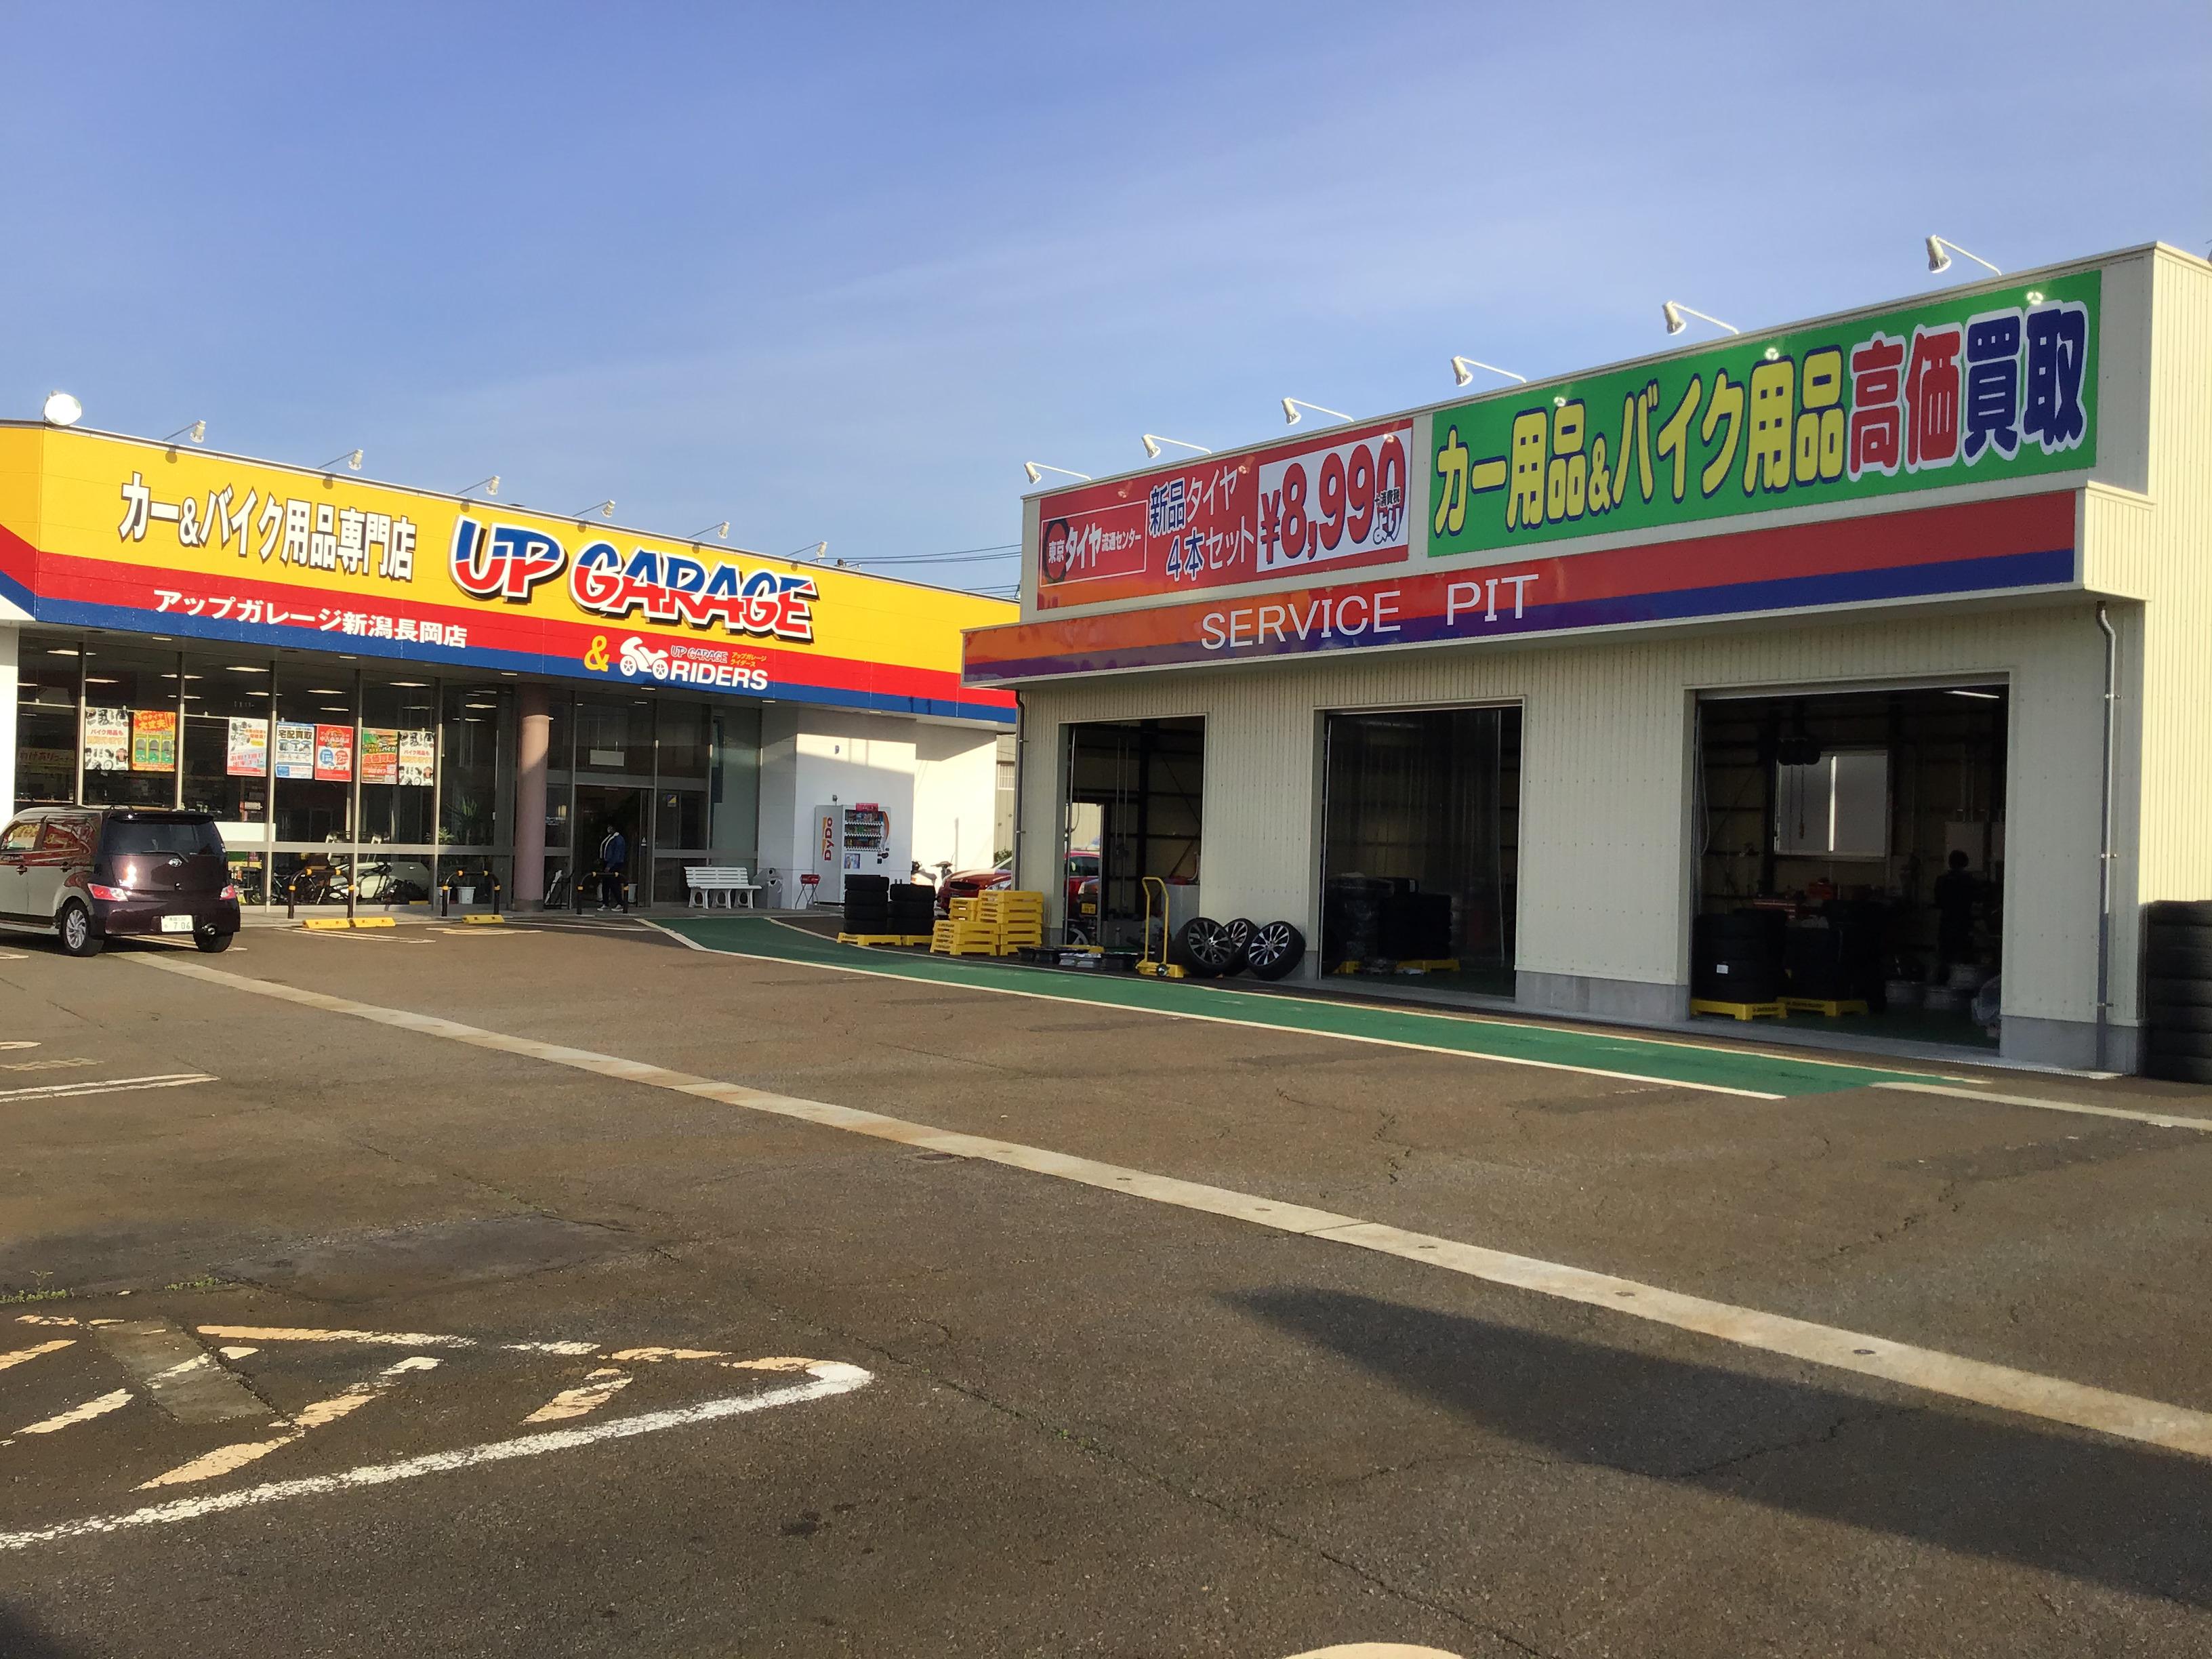 アップガレージ 新潟長岡店